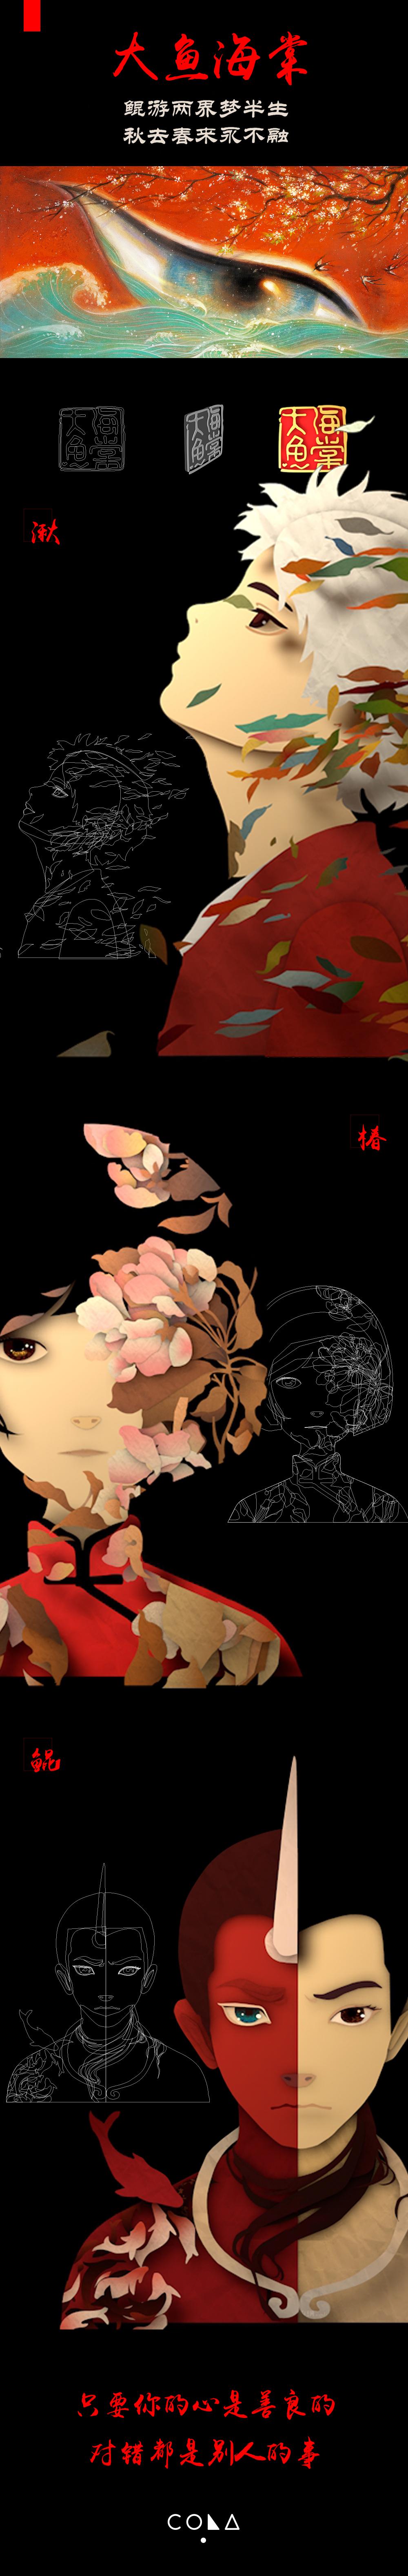 大鱼海棠-c4d ps